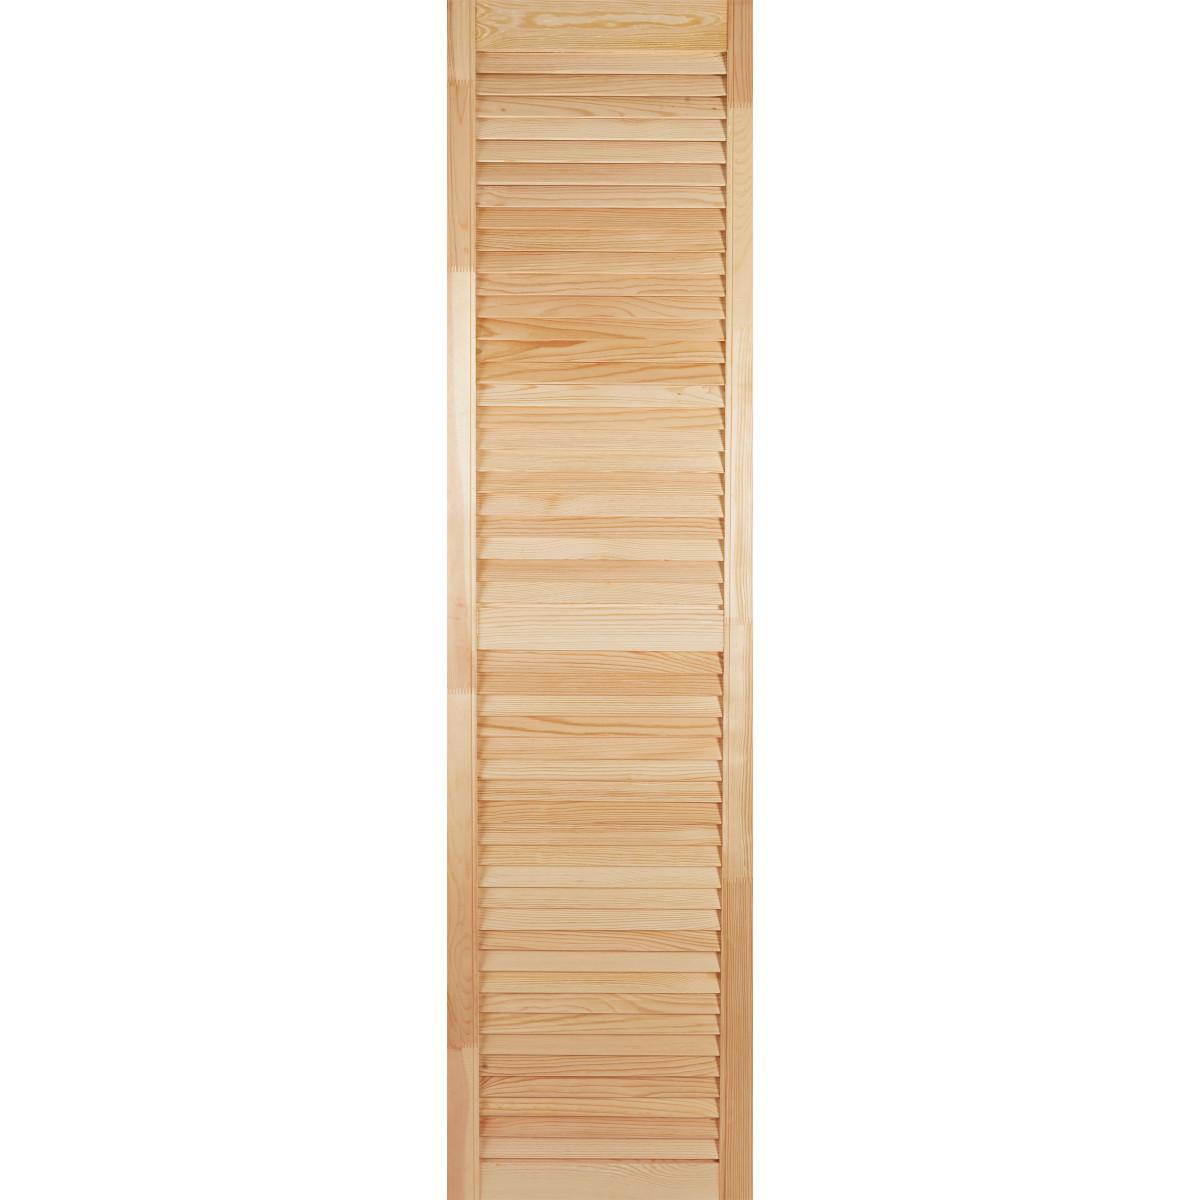 Дверка жалюзийная 1505х394х20 мм хвоя сорт А/В